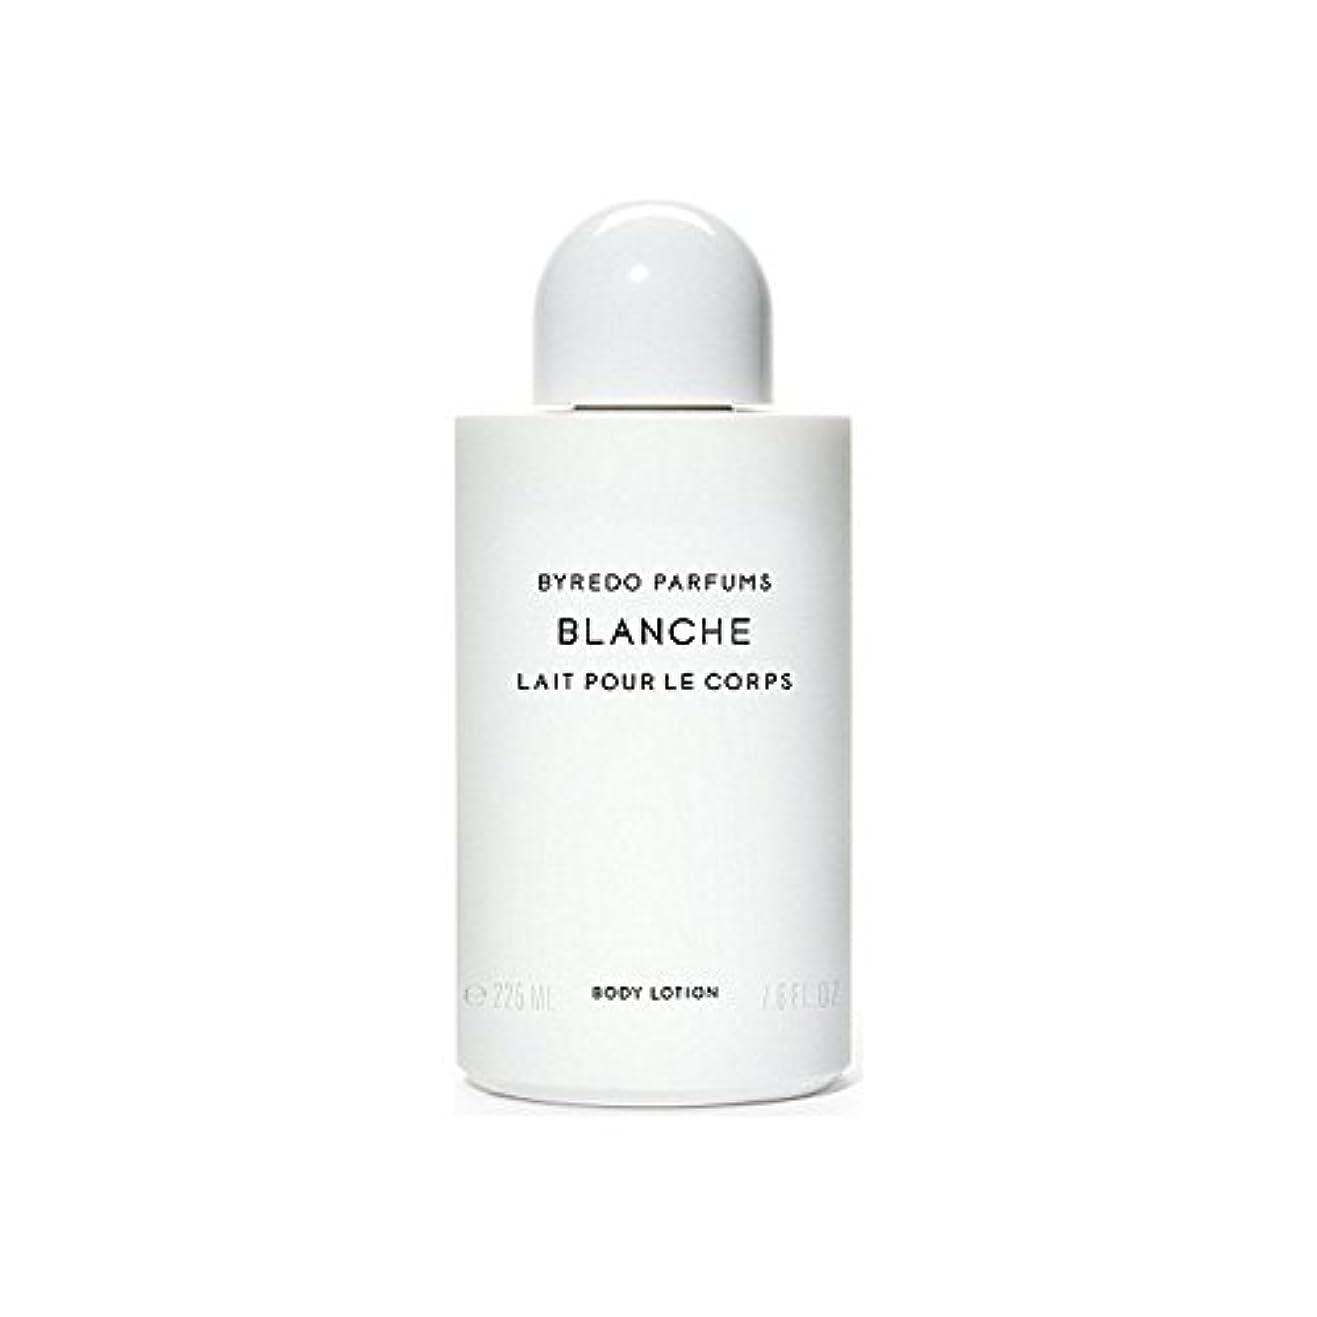 鋭く押し下げる内向きブランシュボディローション225ミリリットル x2 - Byredo Blanche Body Lotion 225ml (Pack of 2) [並行輸入品]